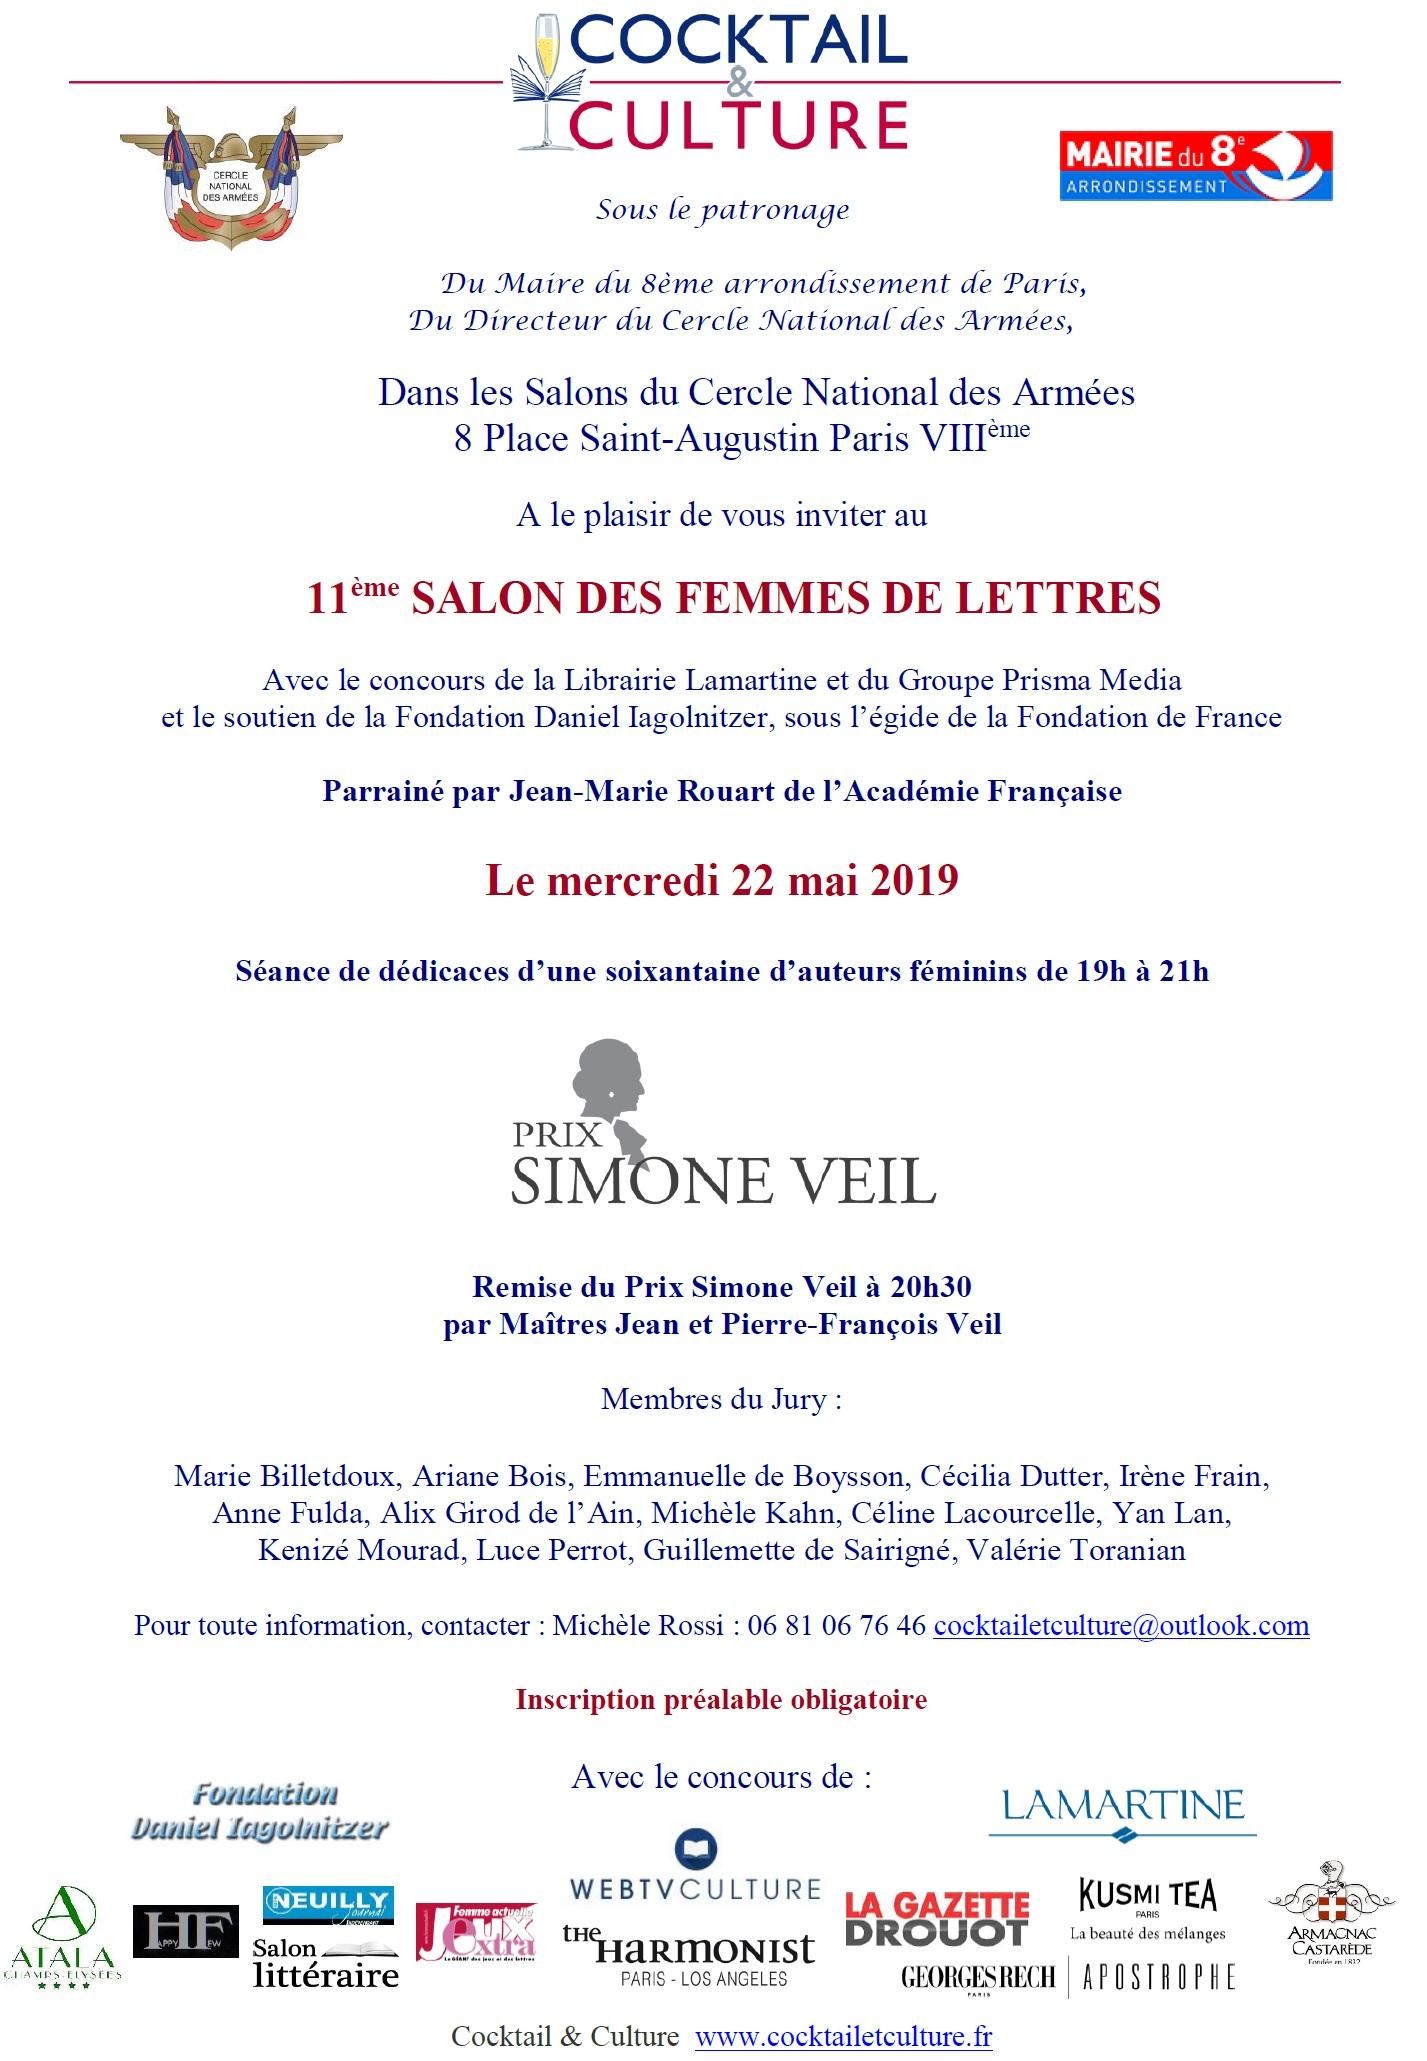 Invitation 11ème Salon des Femmes de Lettres